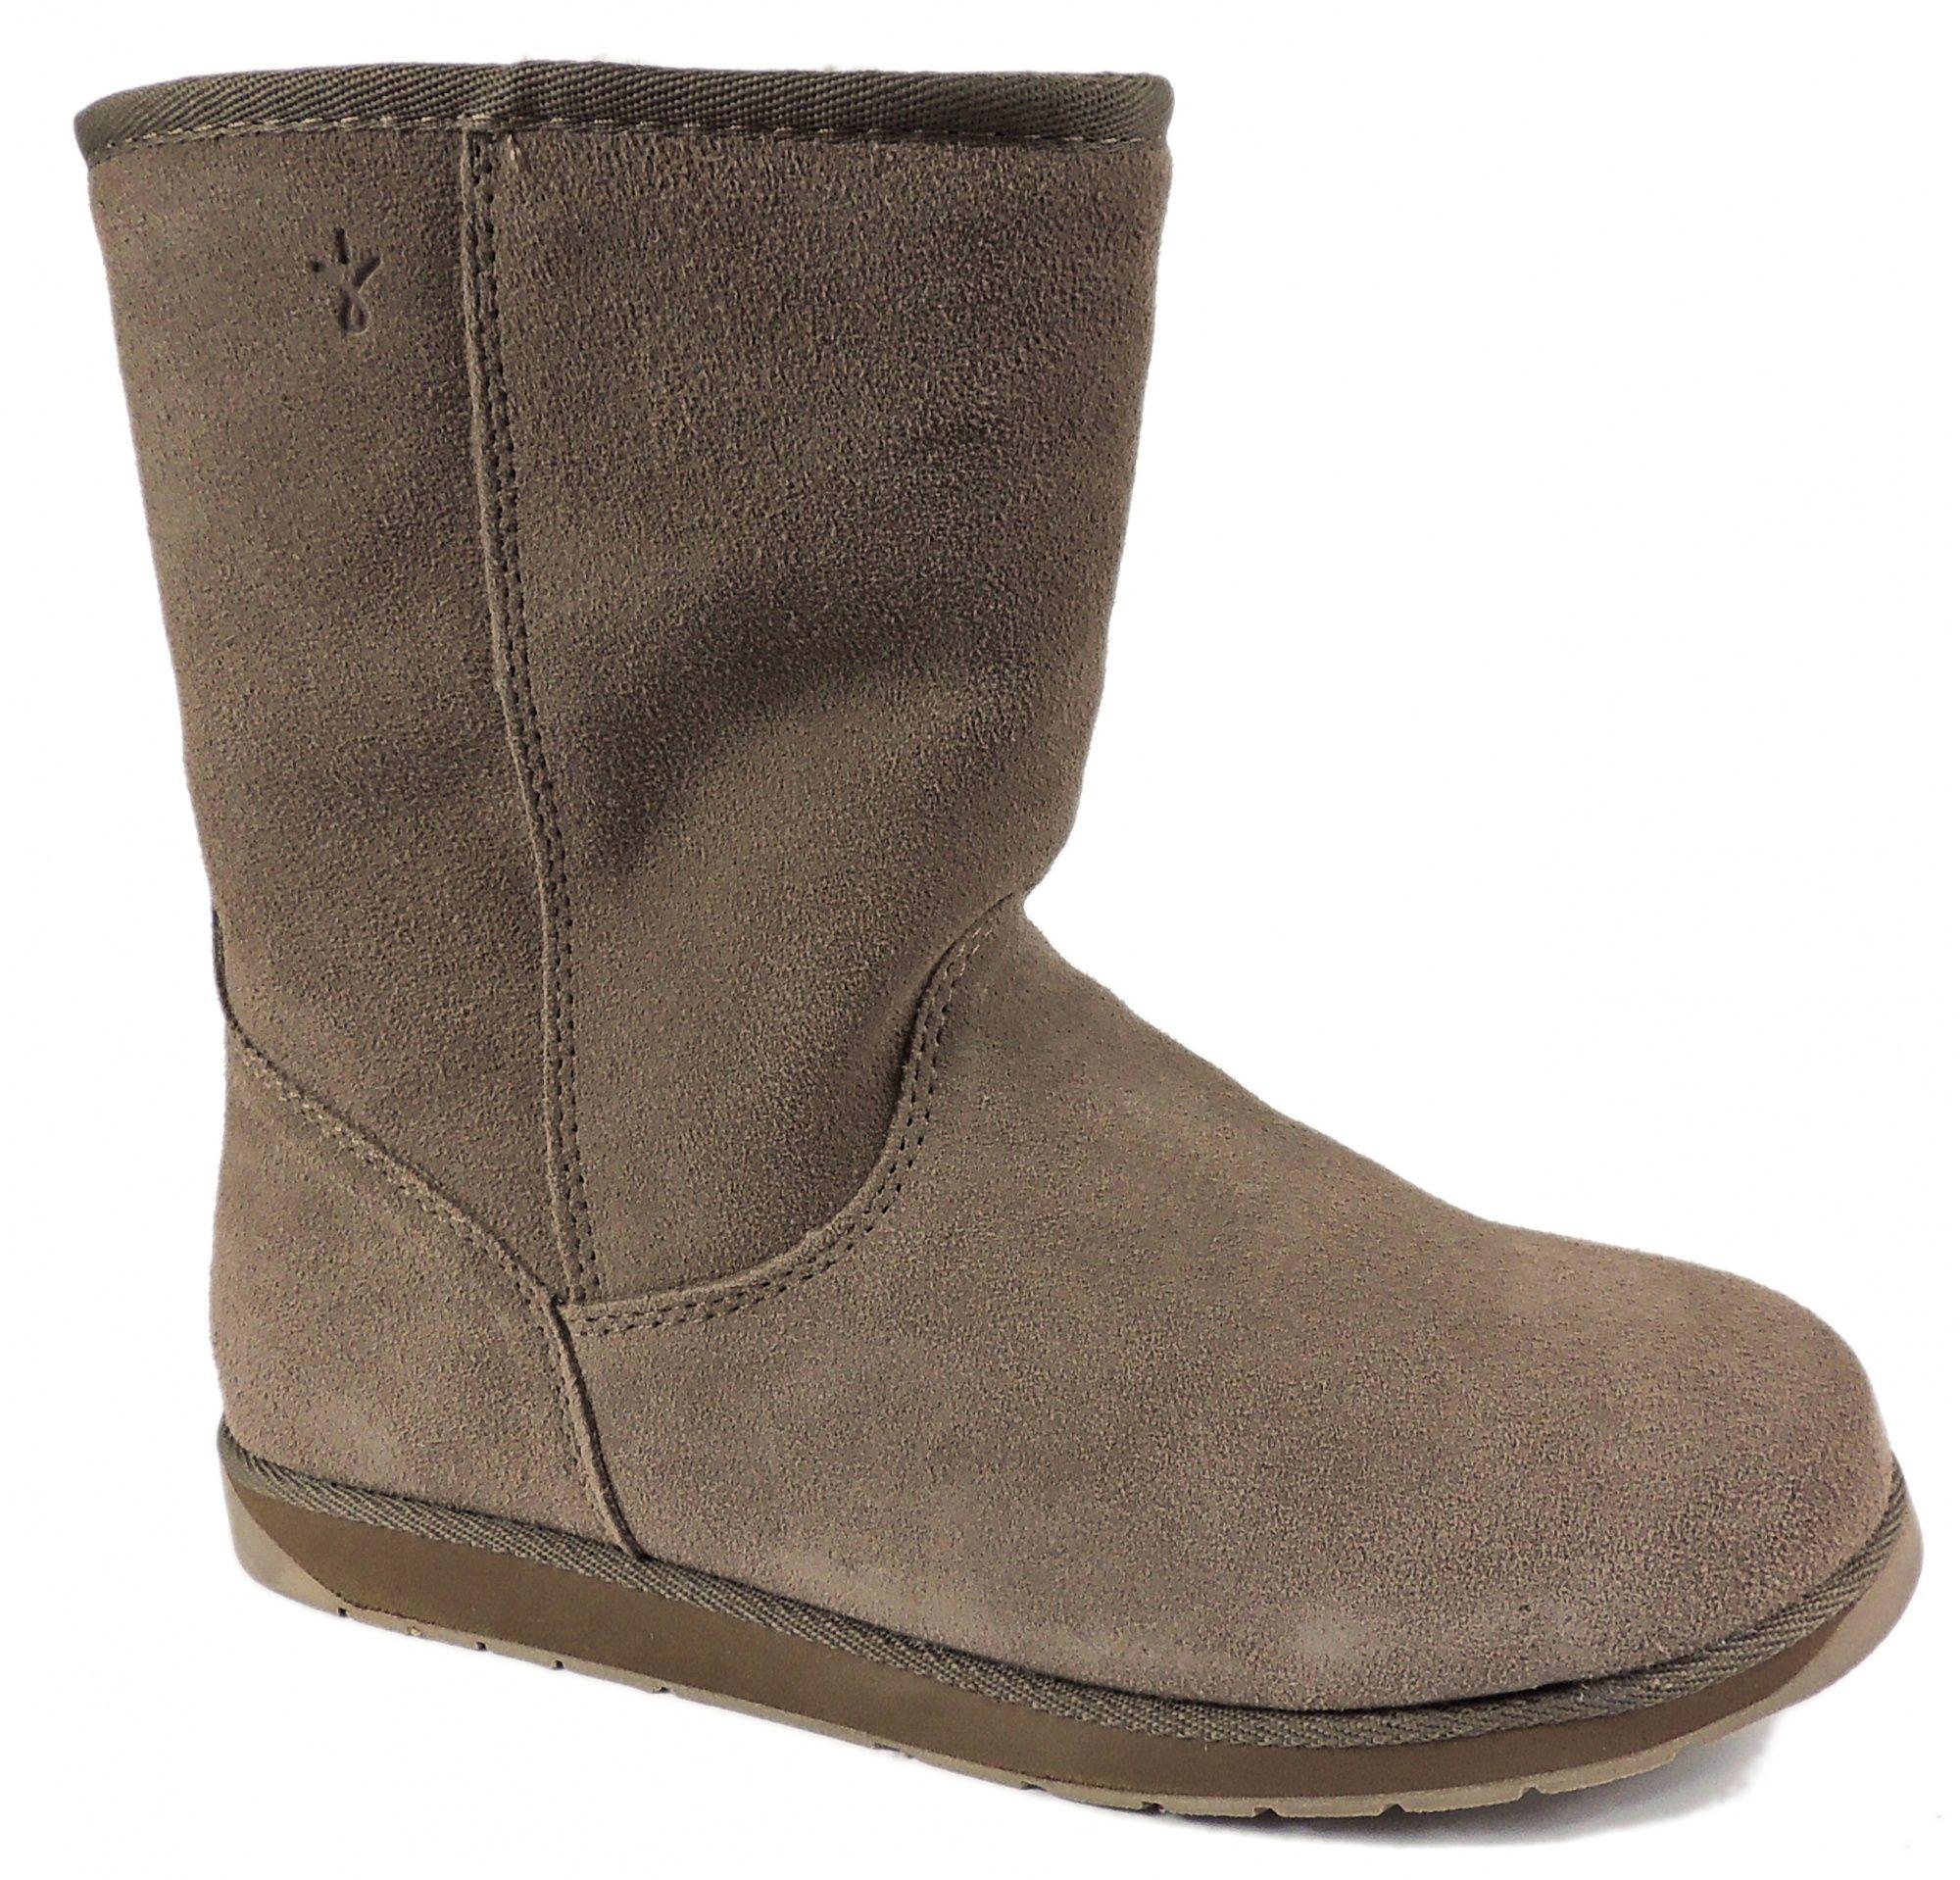 Botki Emu 3580112d Damskie Botki Intershoe Com Pl Shoes Bearpaw Boots Uggs